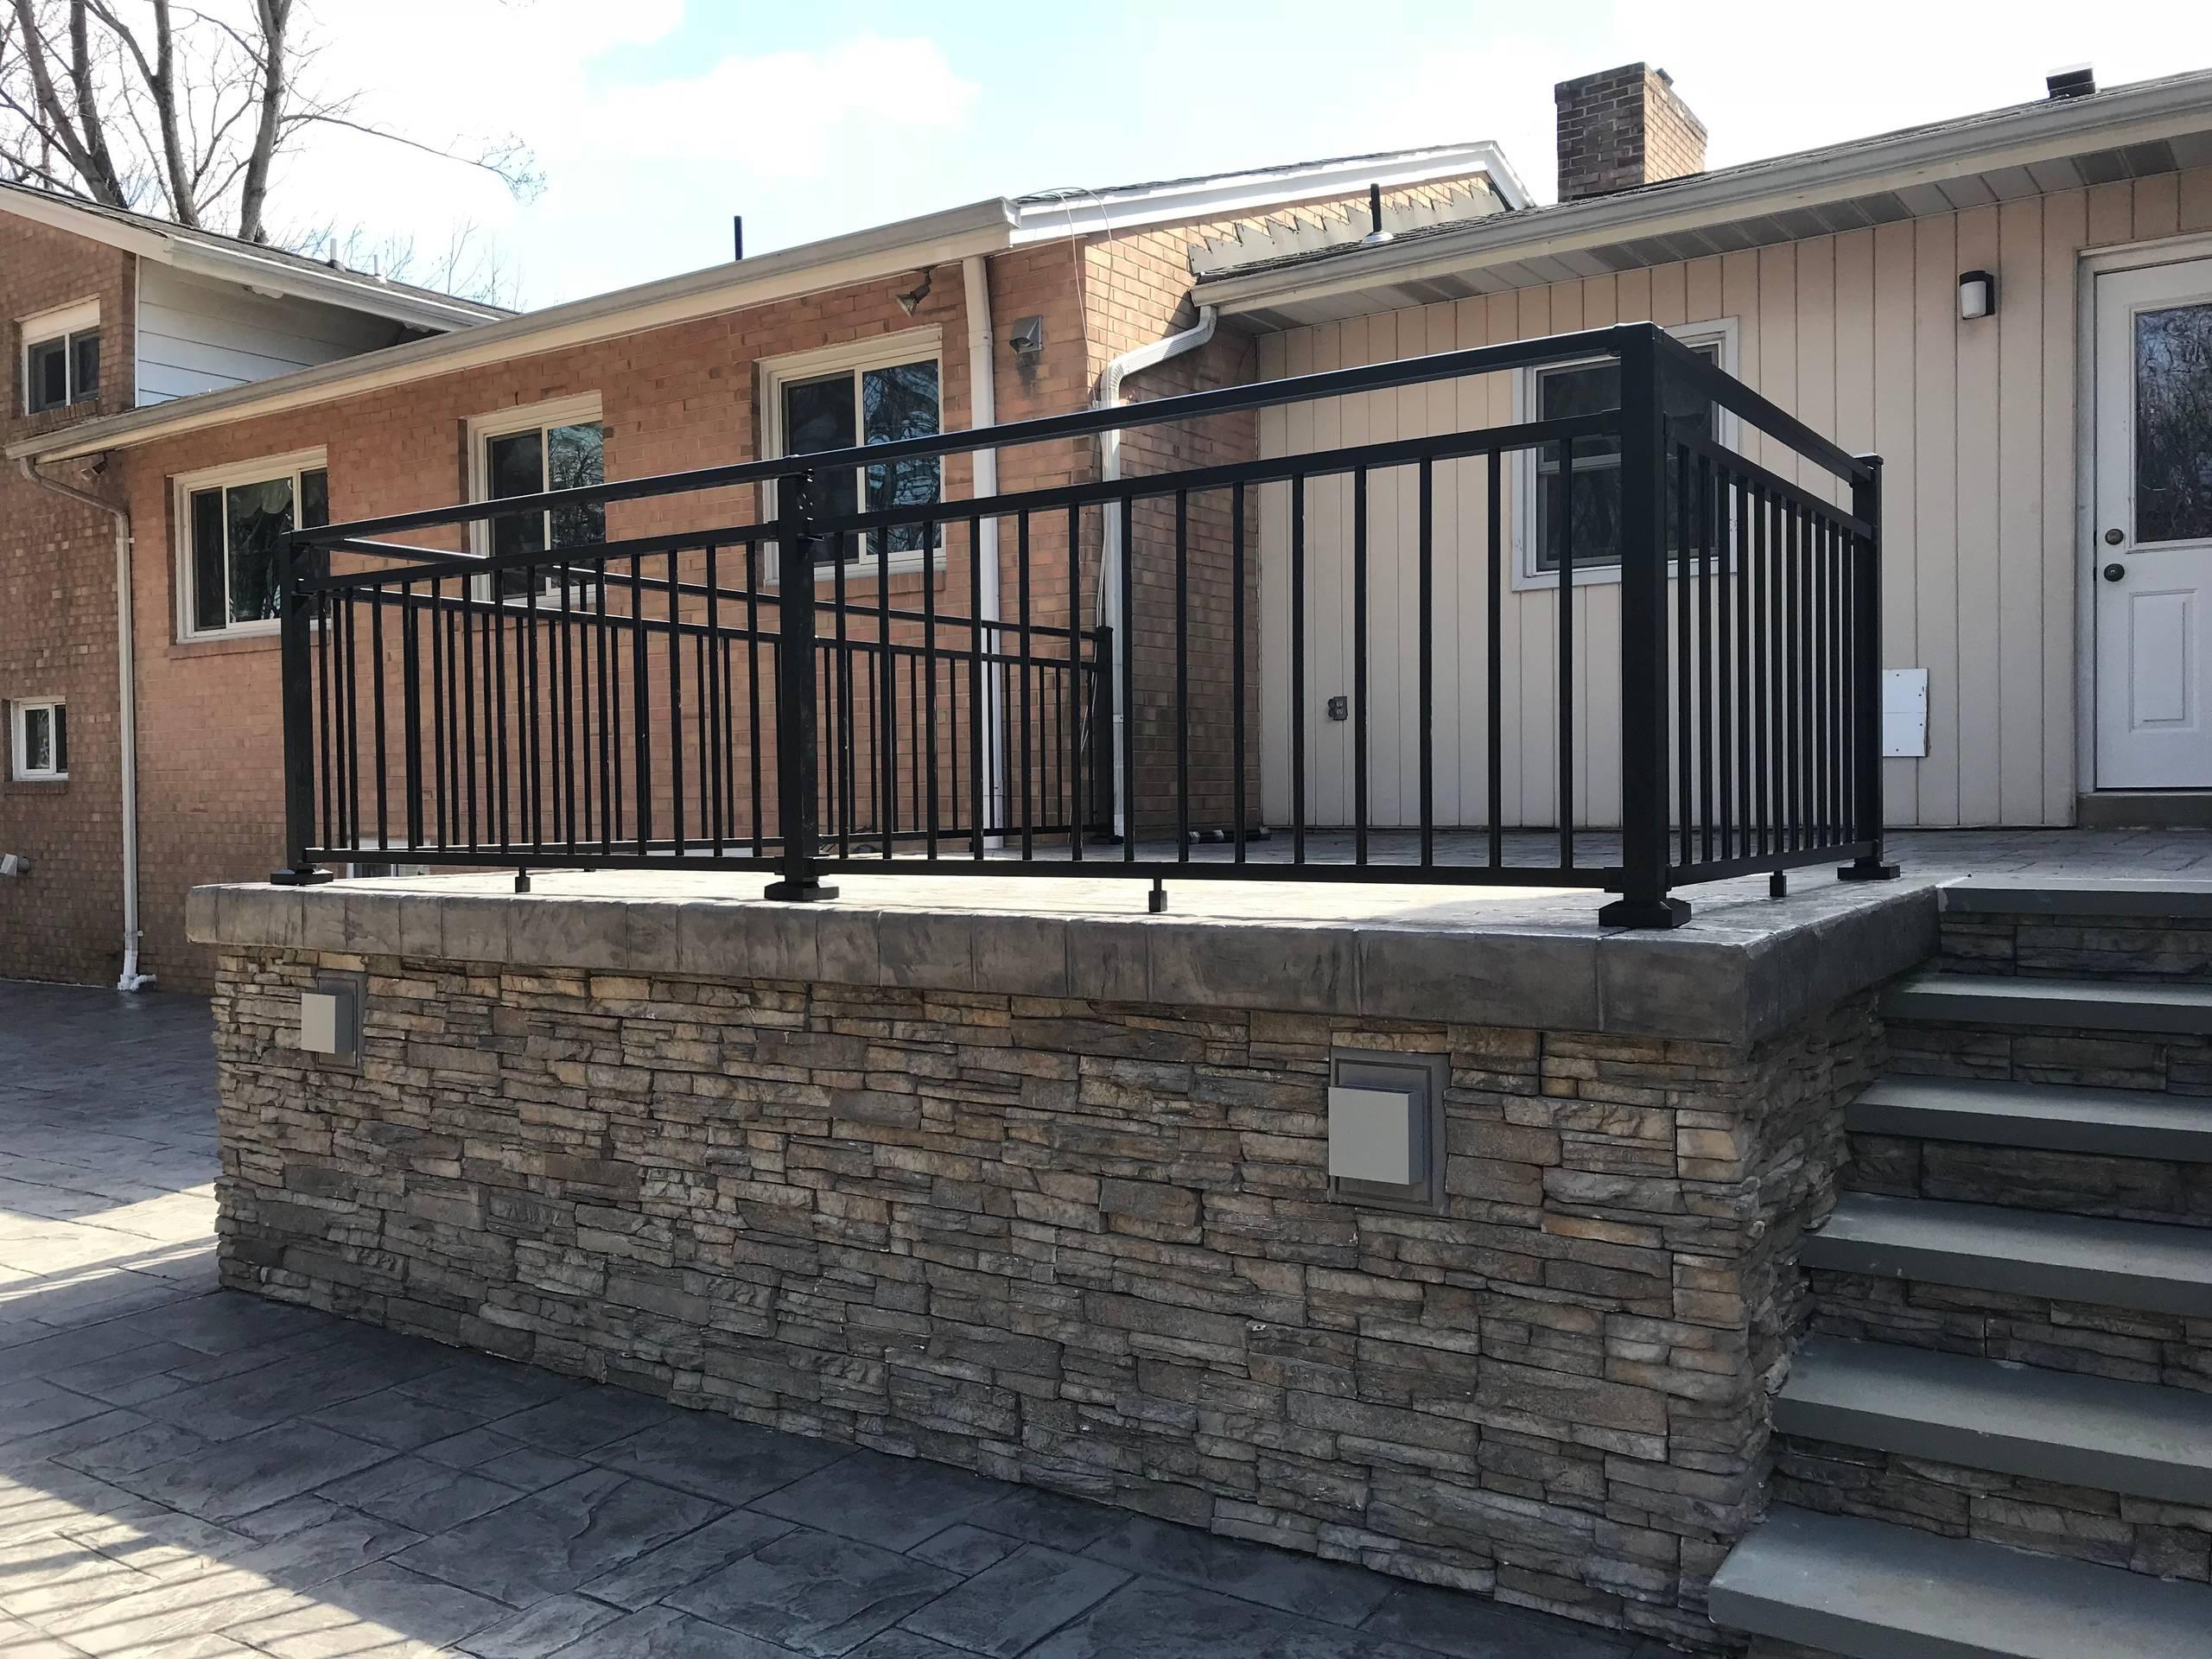 Davidsonville Concrete Patio & Railing Project